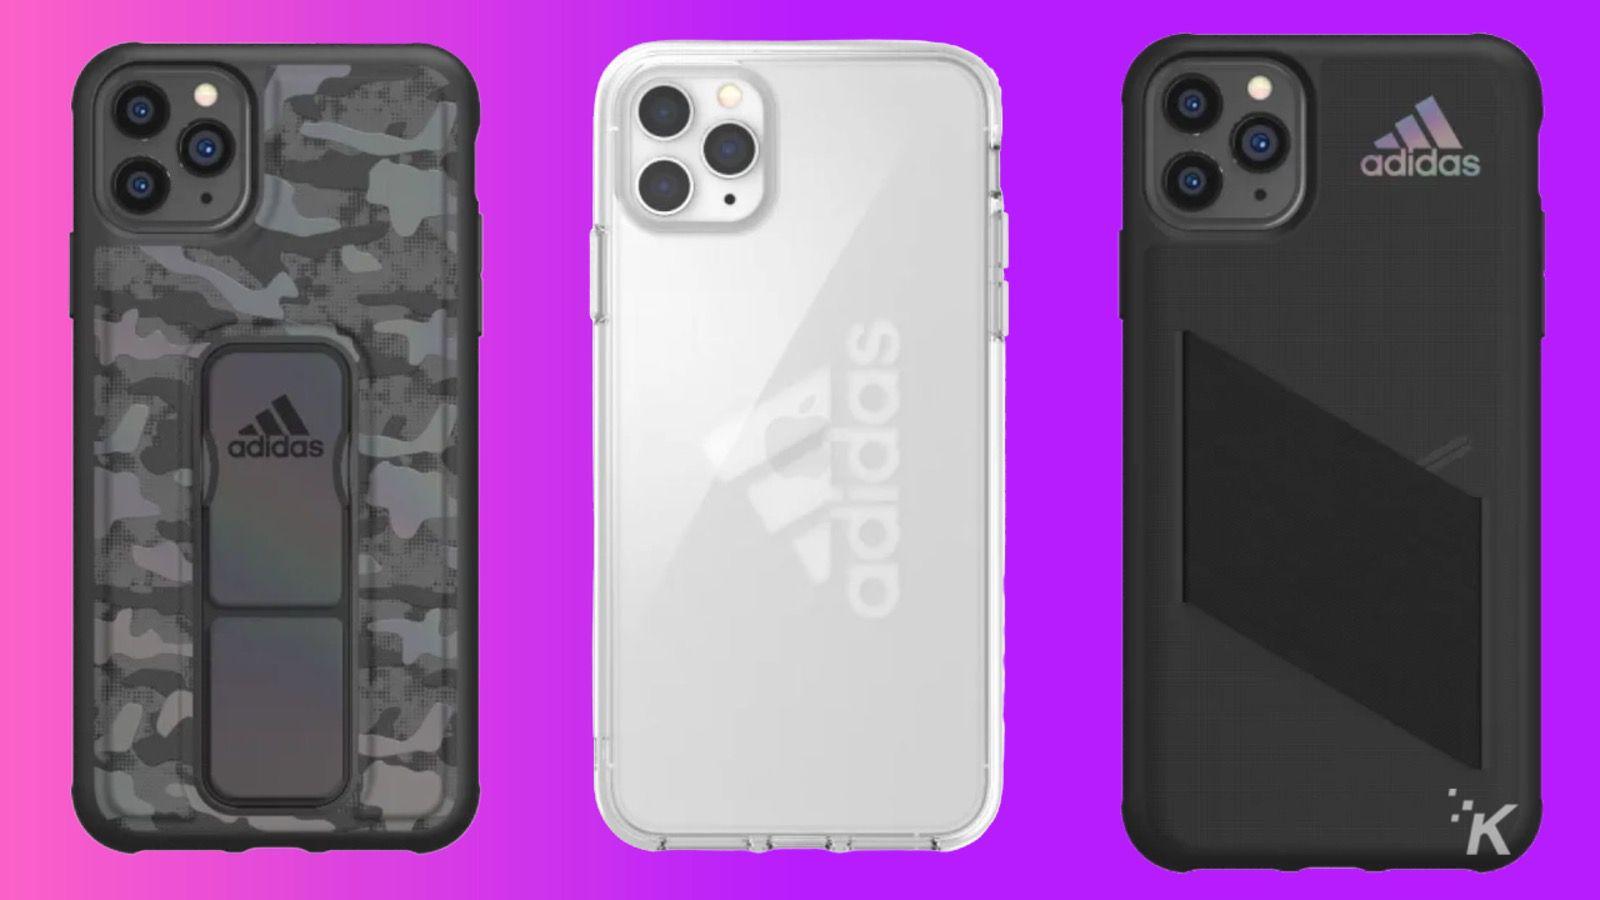 adidas iphone 11 pro max cases